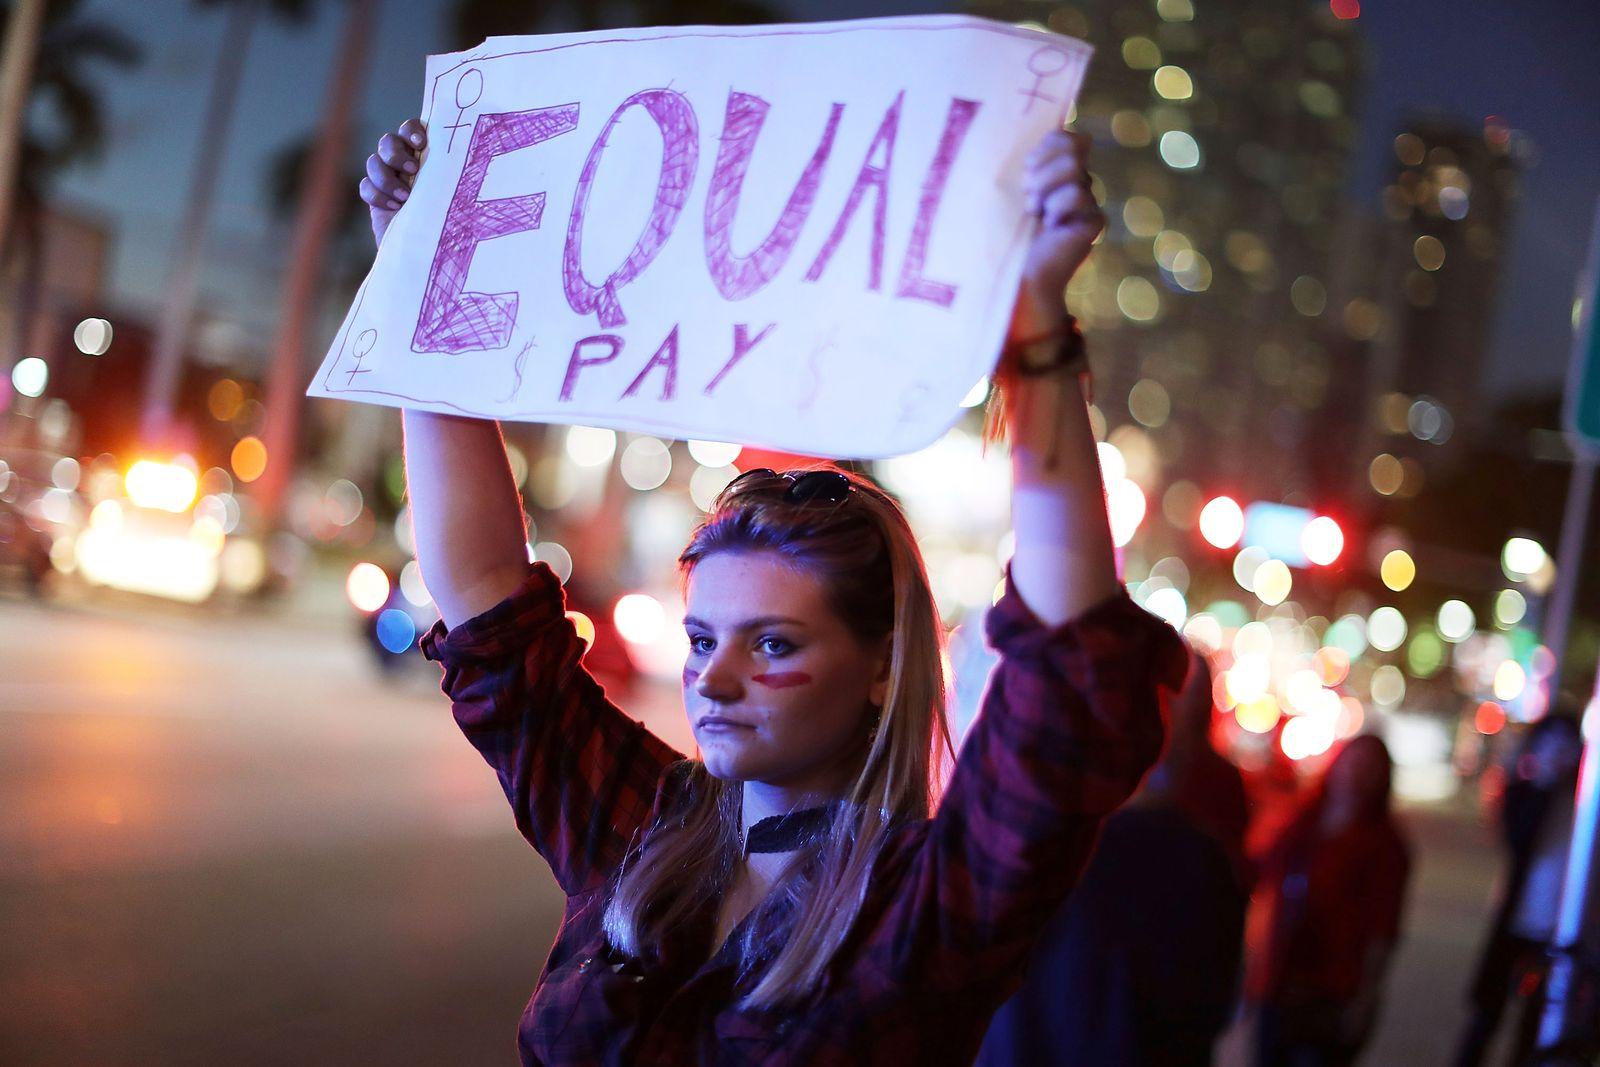 Entgelttransparenzgesetz / Equal Pay